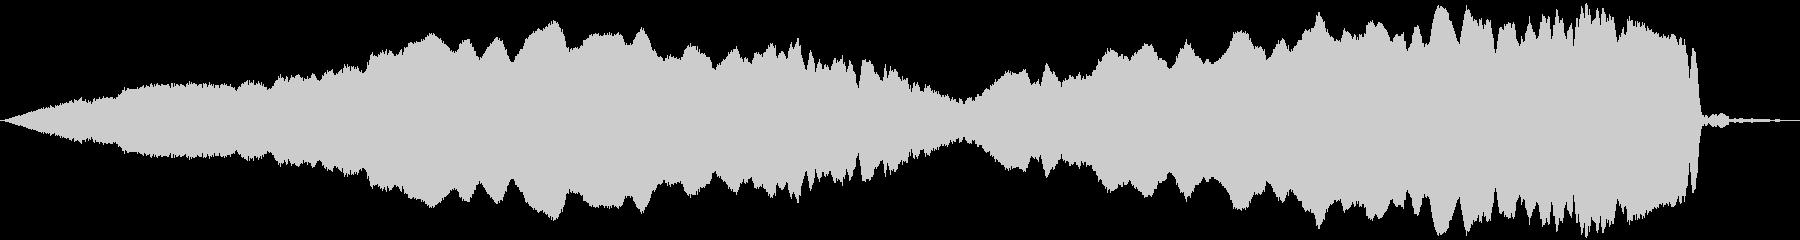 ピューン!2 上昇音の未再生の波形